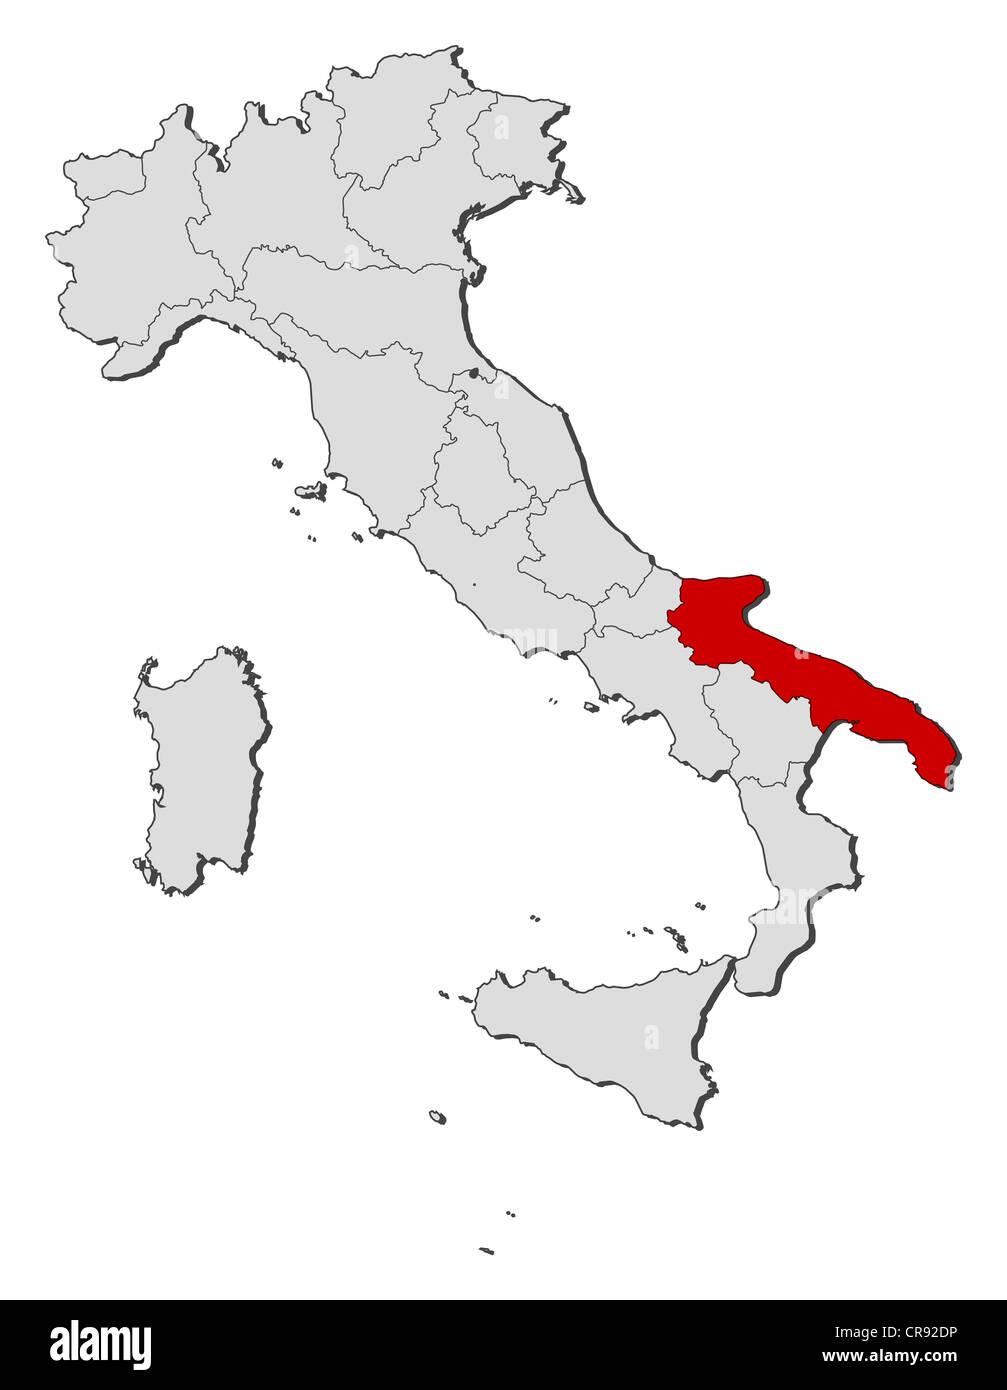 Cartina Politica Regione Puglia.Mappa Politica Dell Italia Con Le Diverse Regioni In Cui La Puglia E Evidenziata Foto Stock Alamy